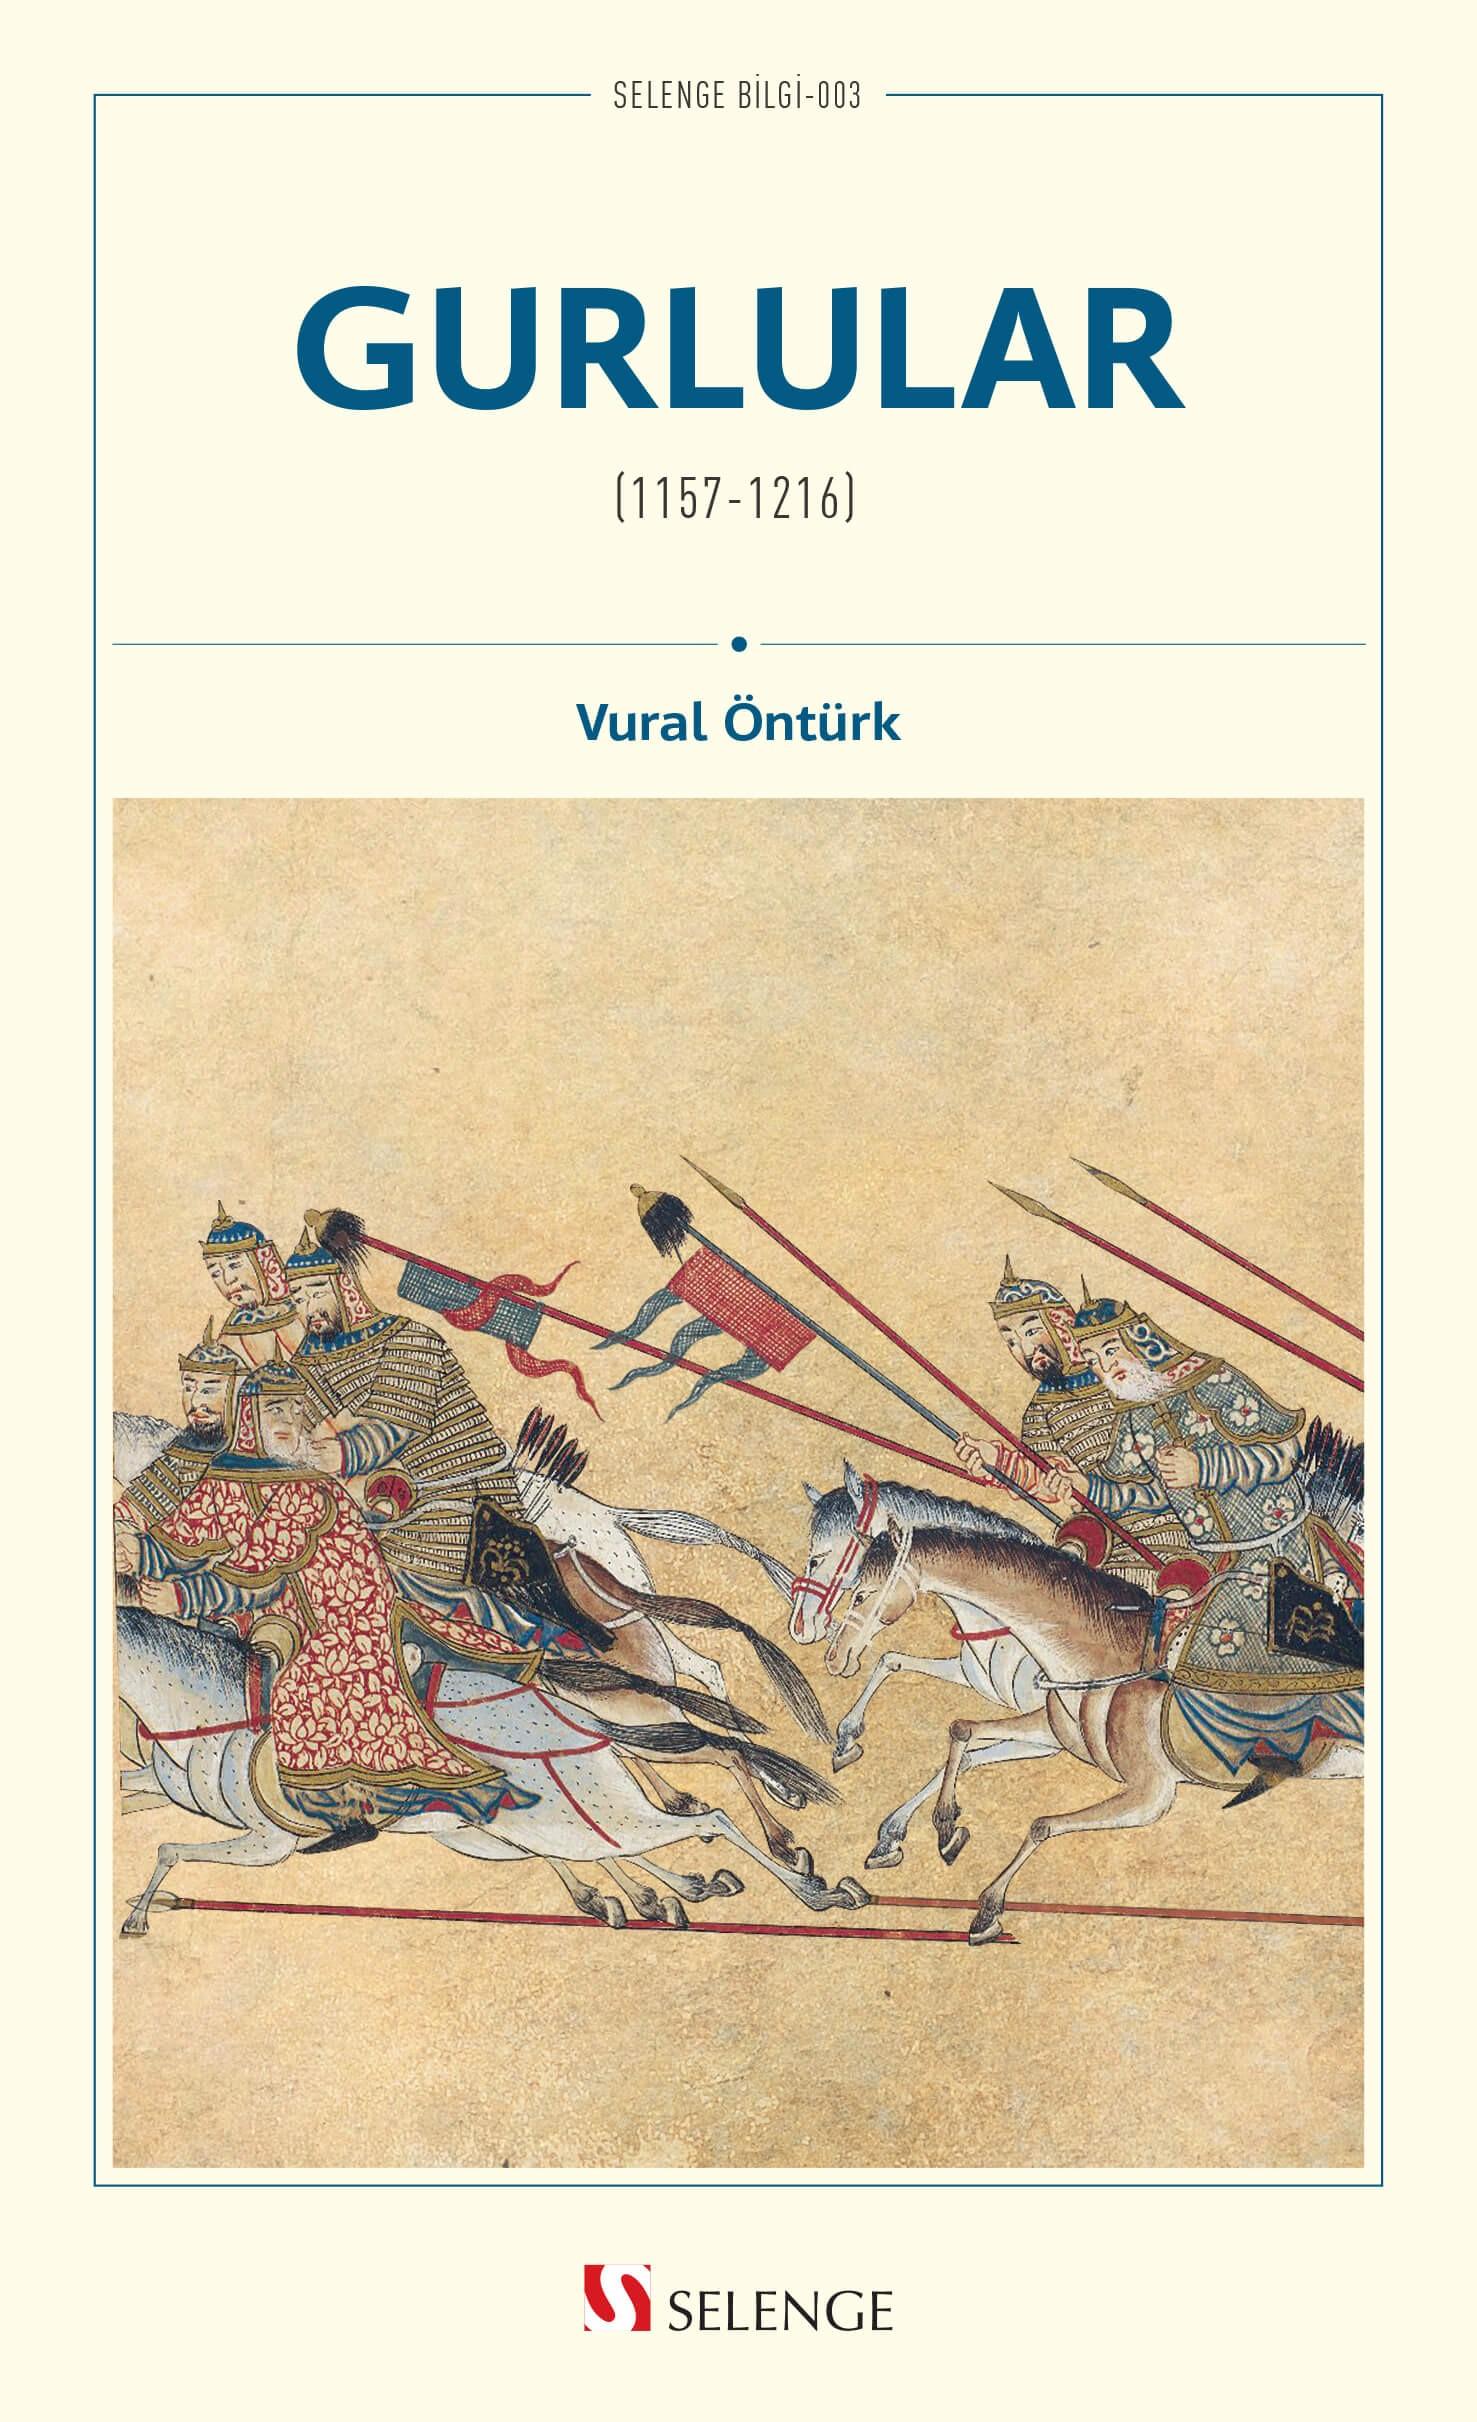 Gurlular (1157-1216)